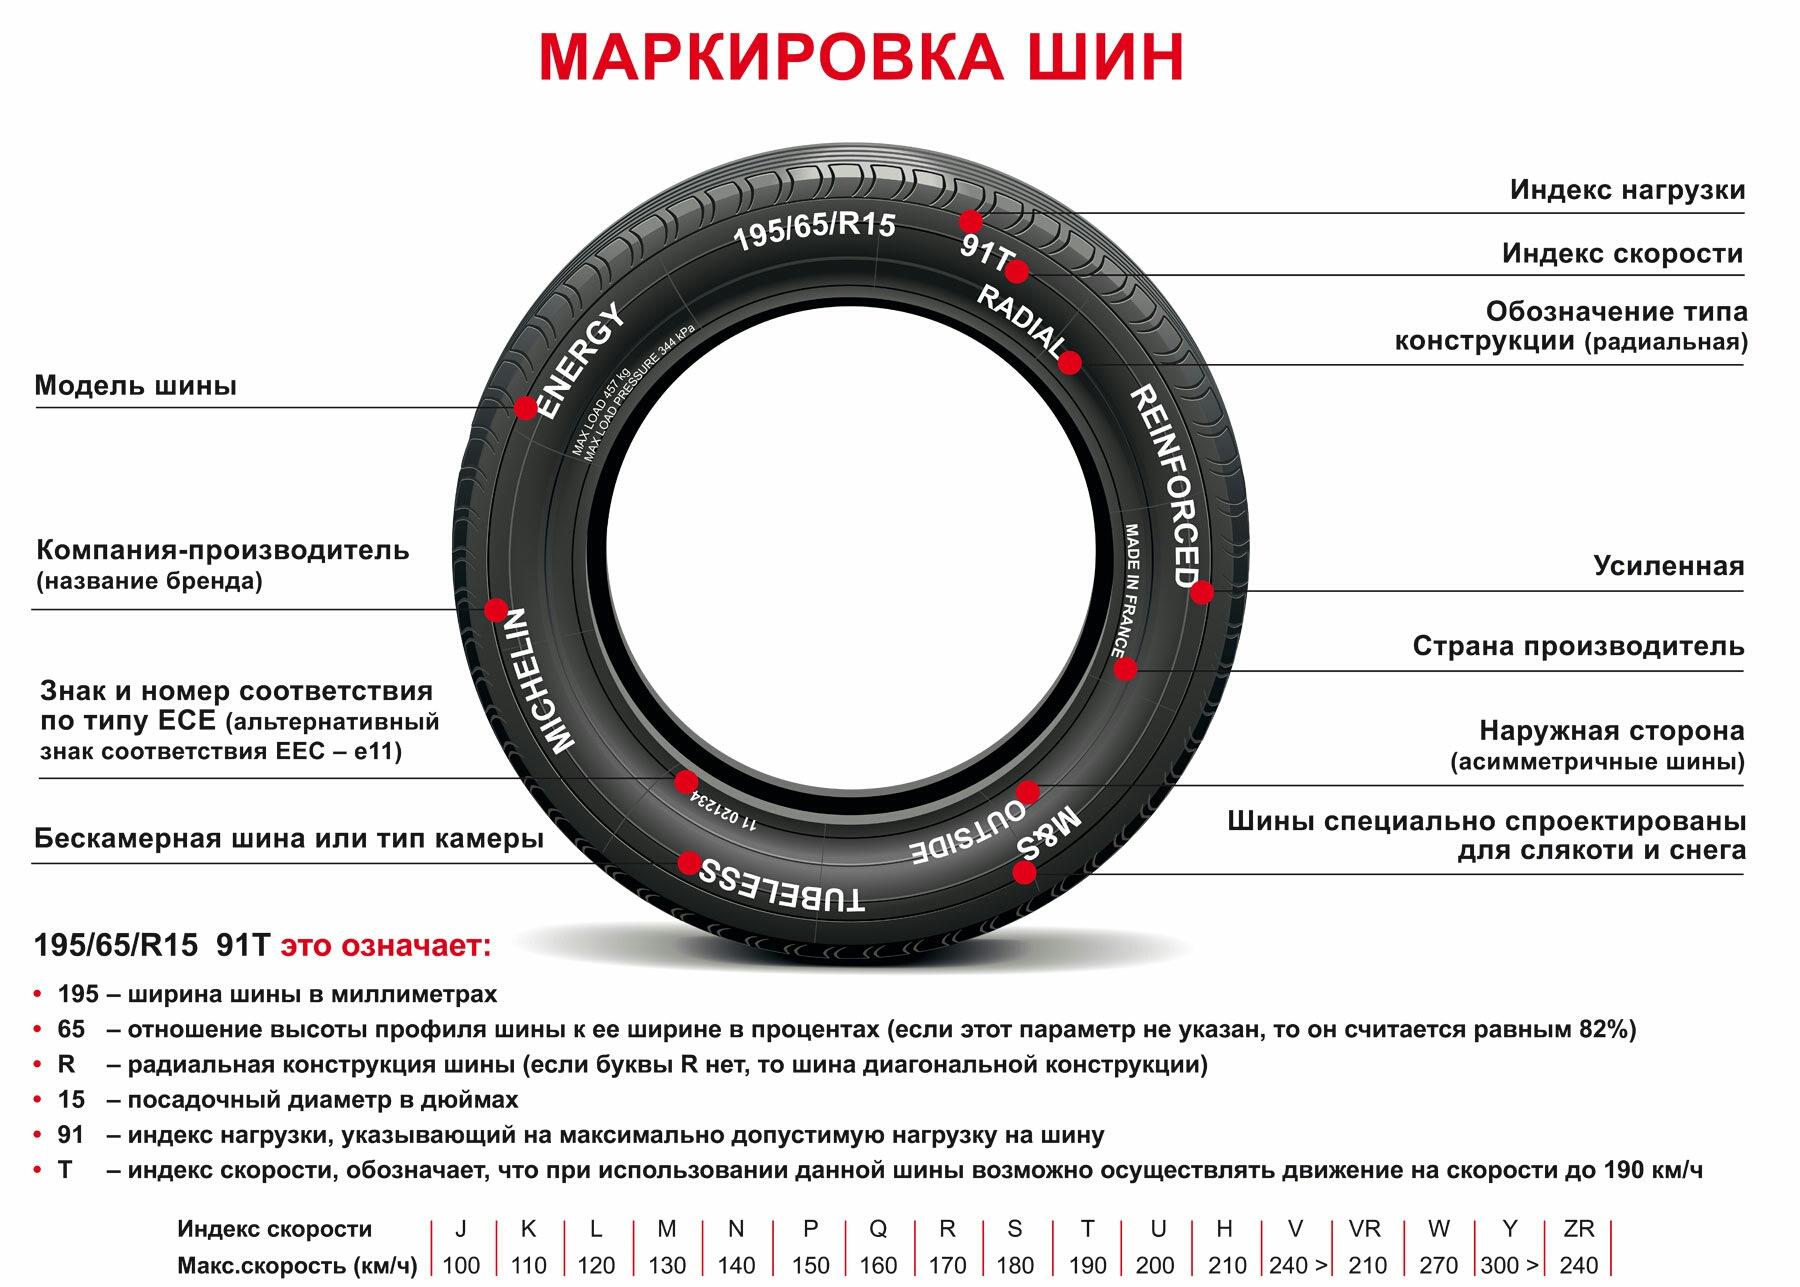 Маркировка шин, расшифровка обозначений